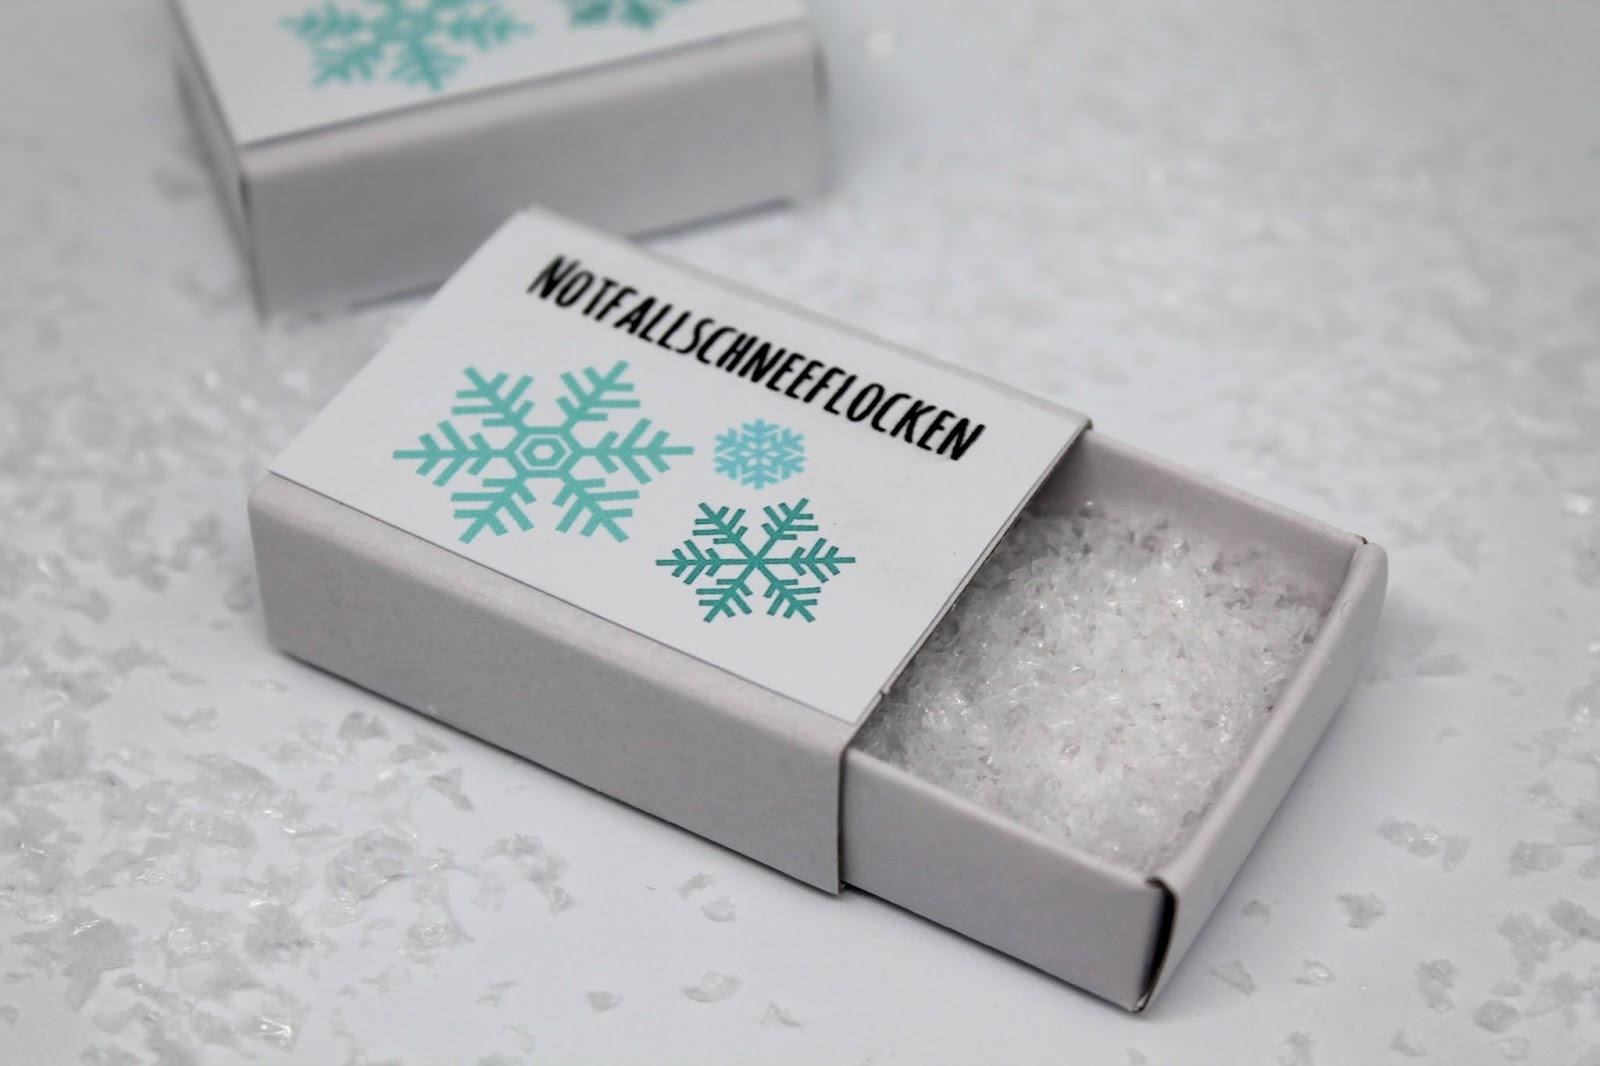 DIY, Basteln: Notfallschneeflocken in Weihnachtsgeschenke, Weihnachtsdekoration, Geschenkidee - DIYCarinchen